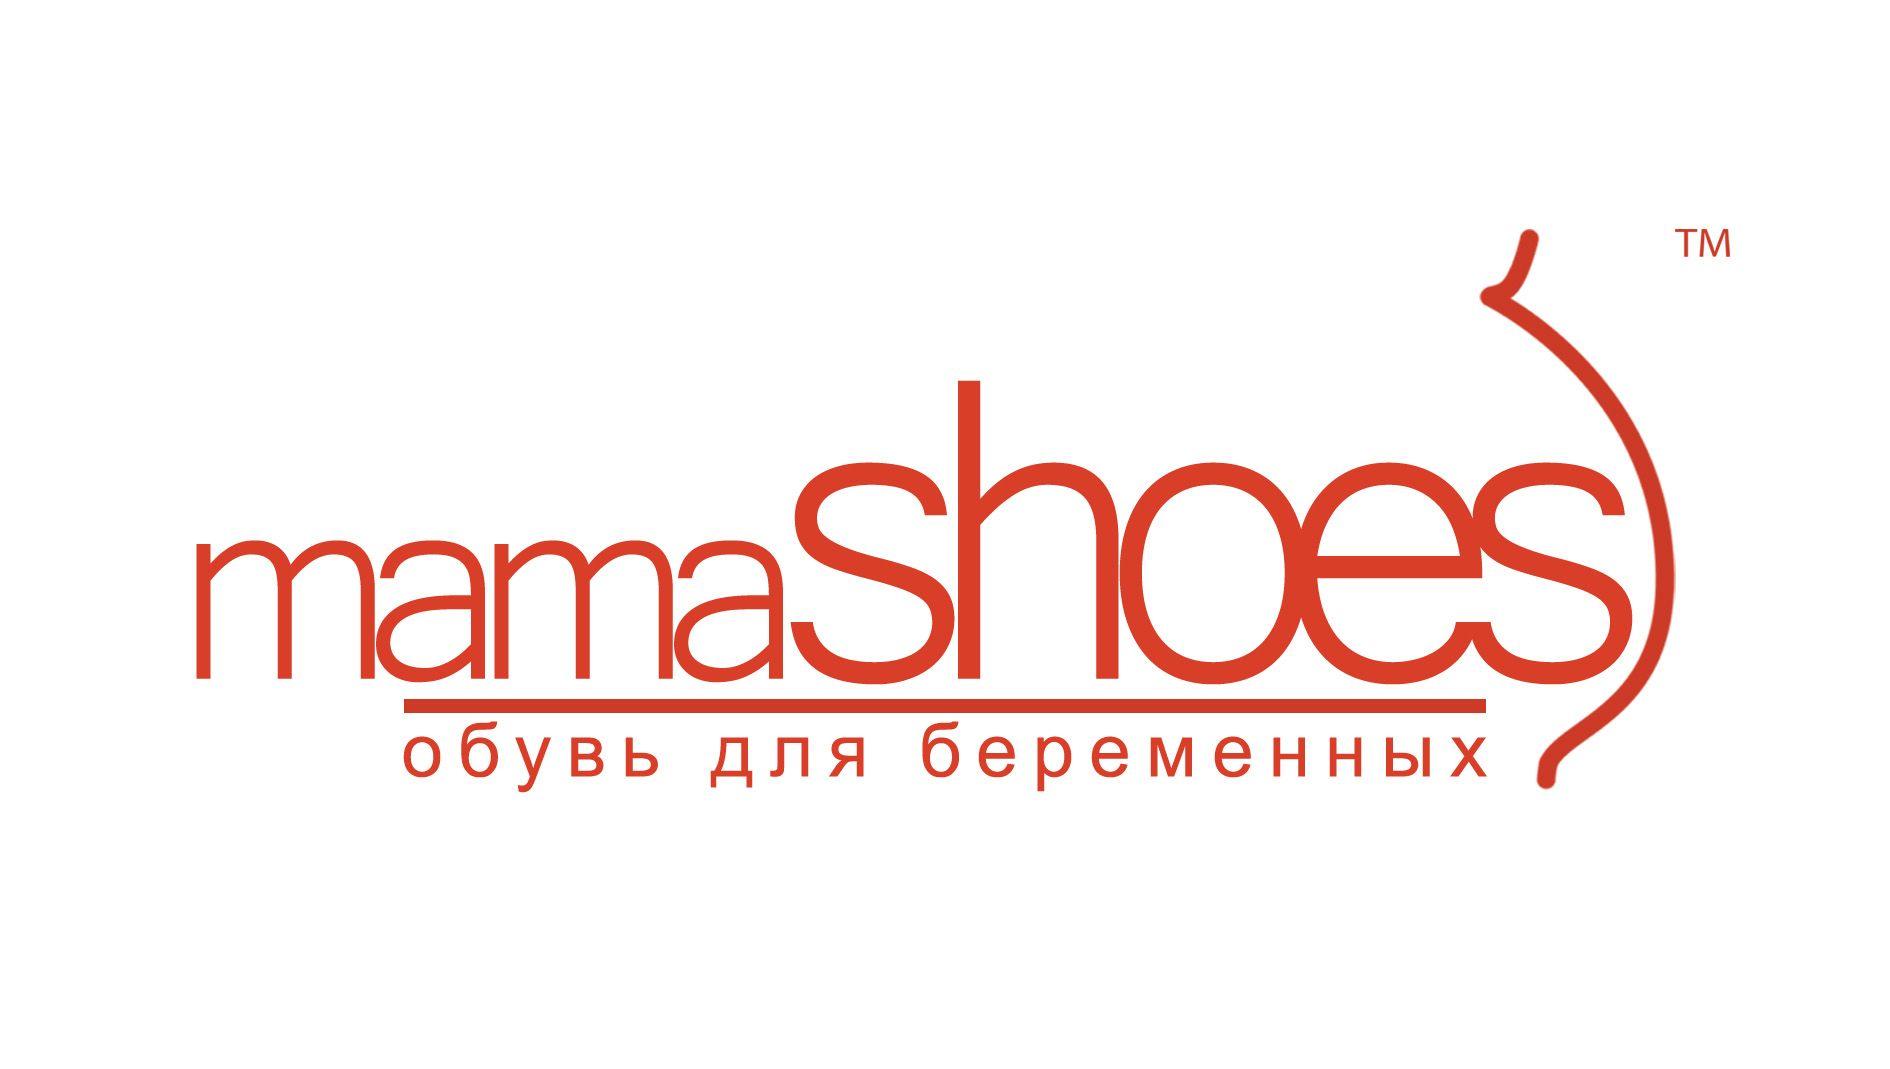 Разработка логотипа на основе существующего - дизайнер weste32